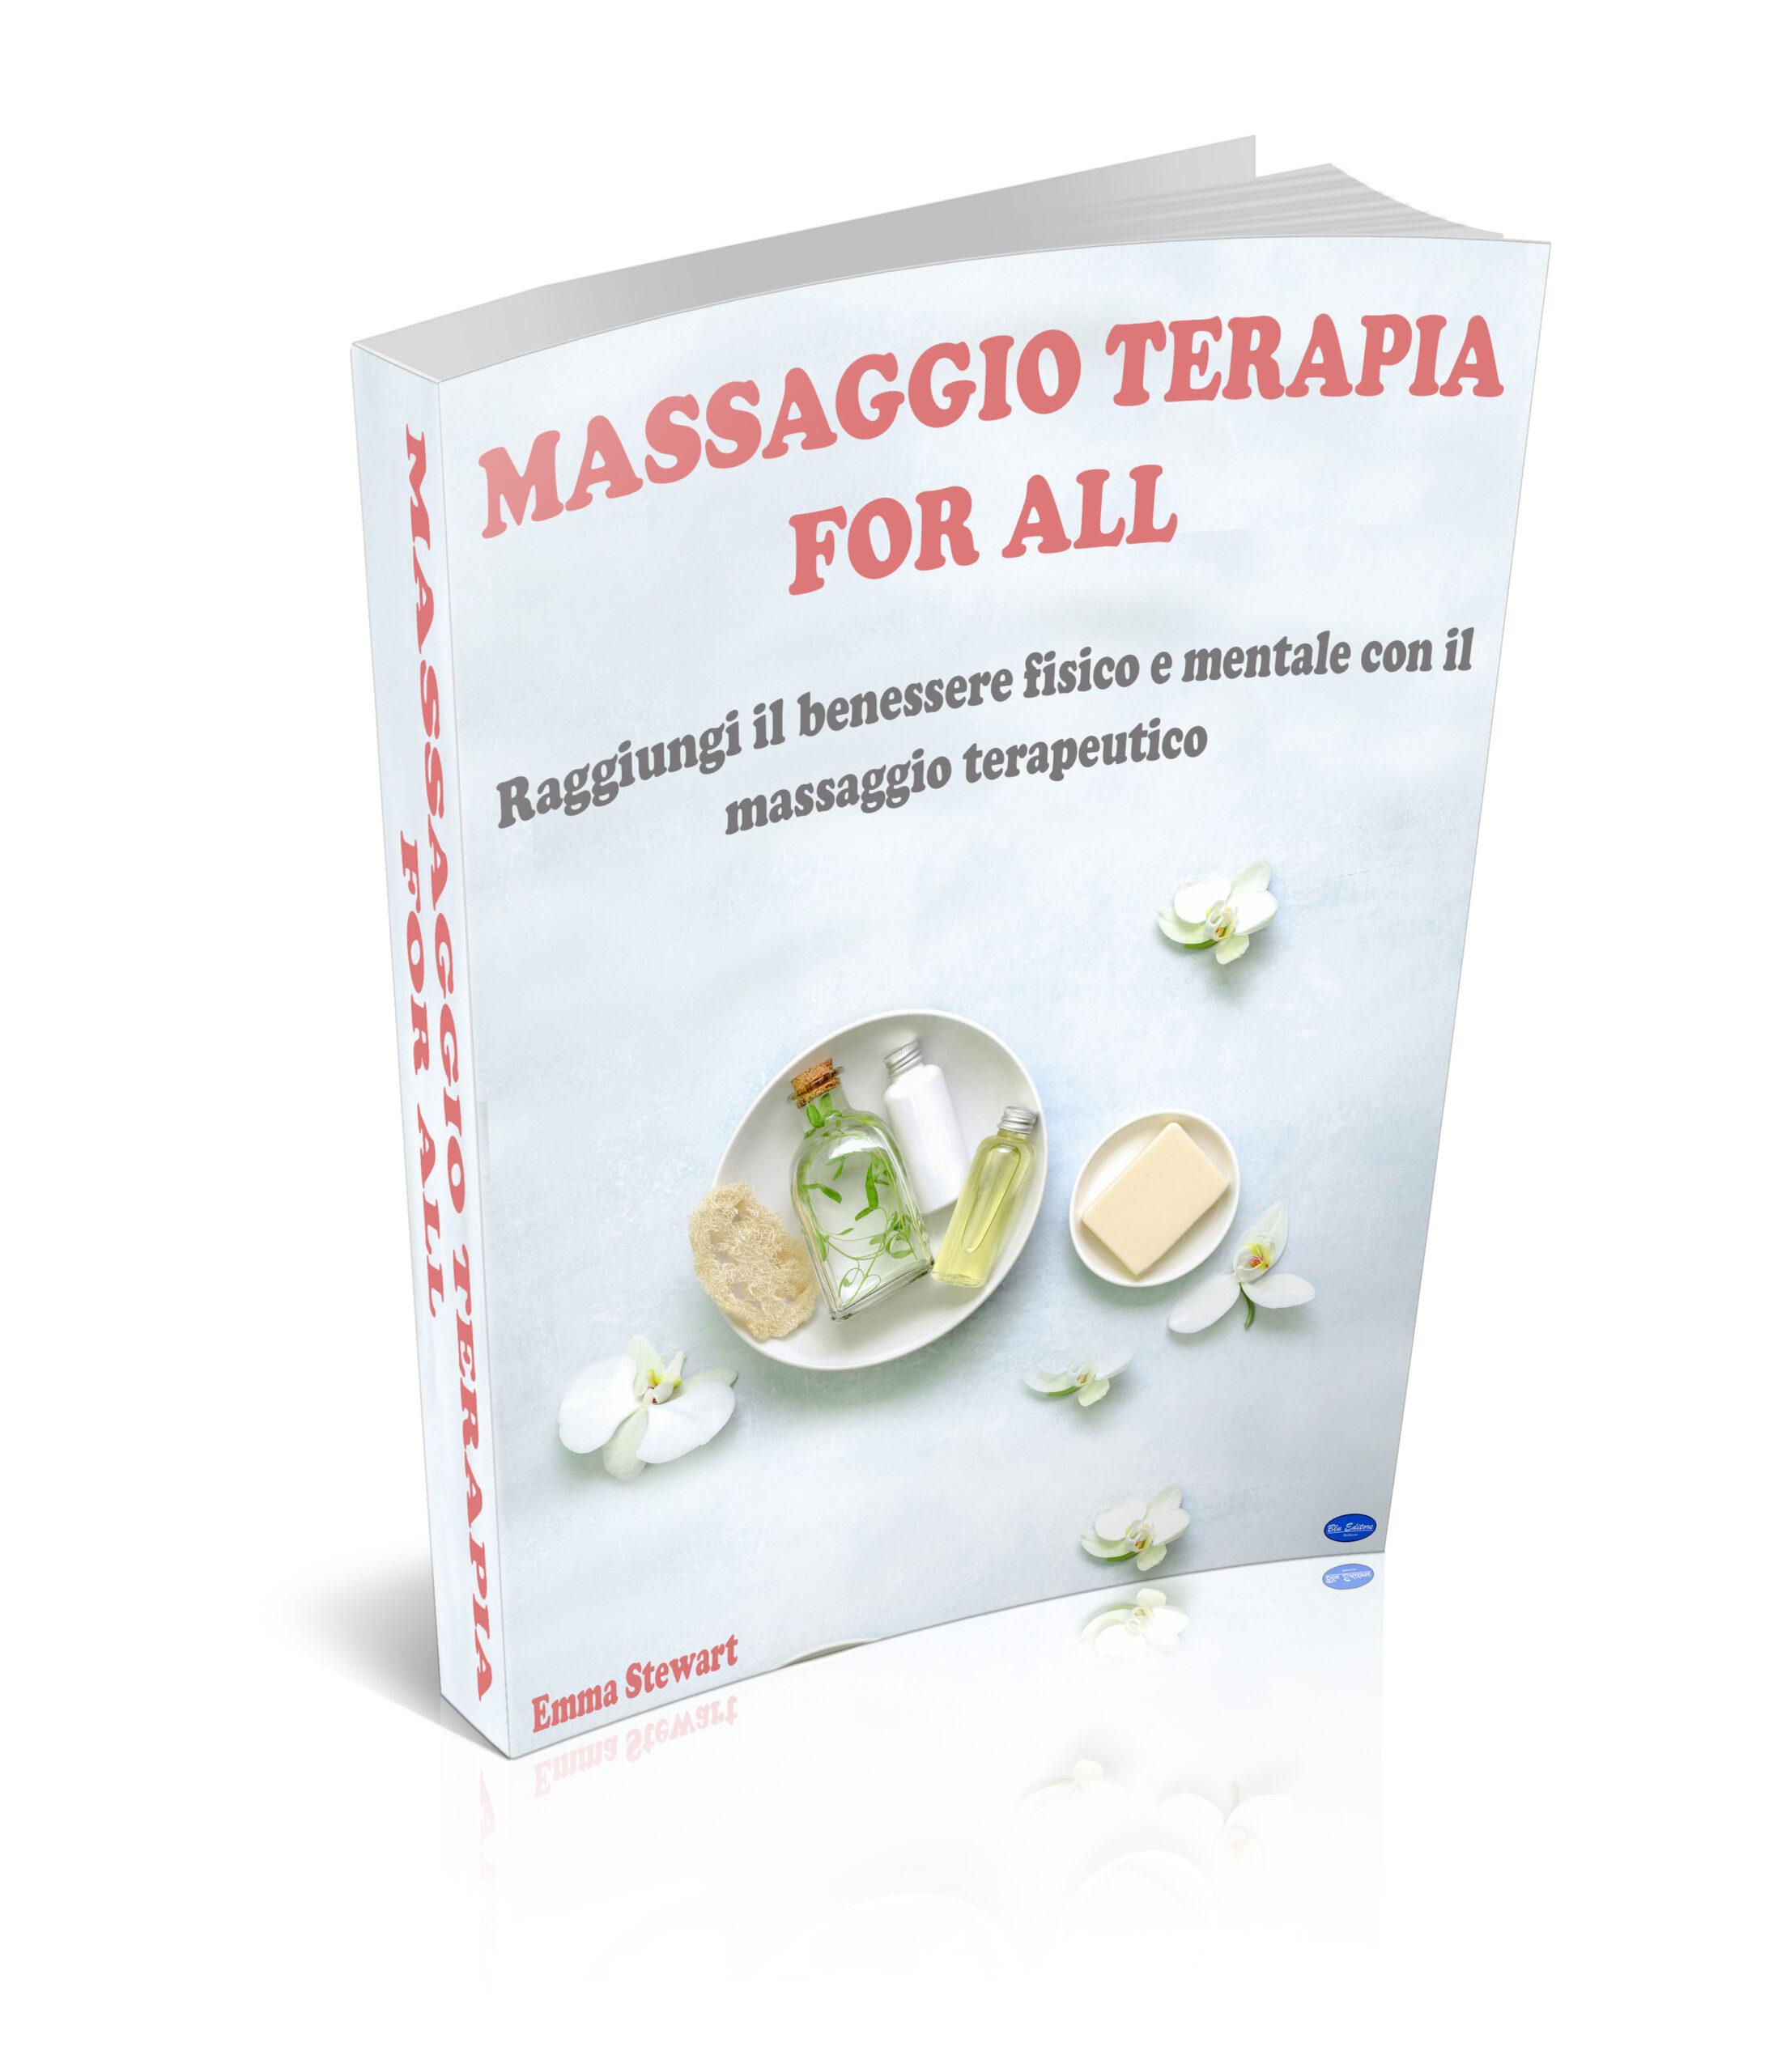 Massaggio Terapia for All